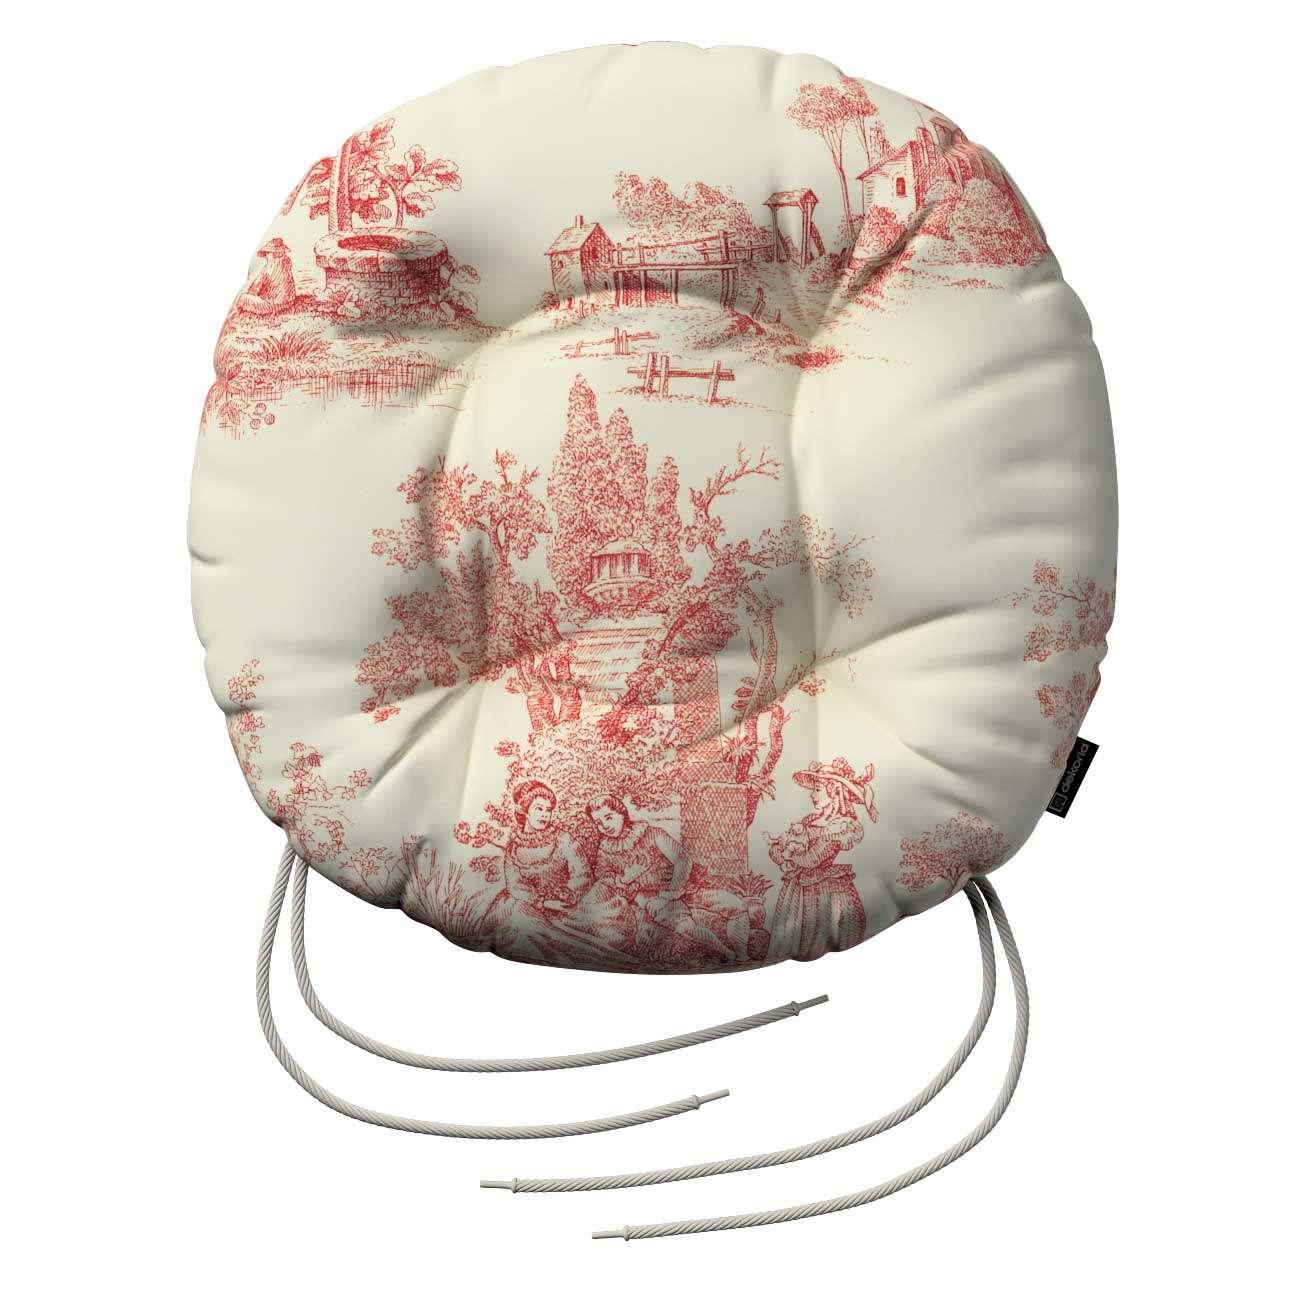 Kėdės pagalvėlė Adam  skersmuo 37x8cm kolekcijoje Avinon, audinys: 132-15